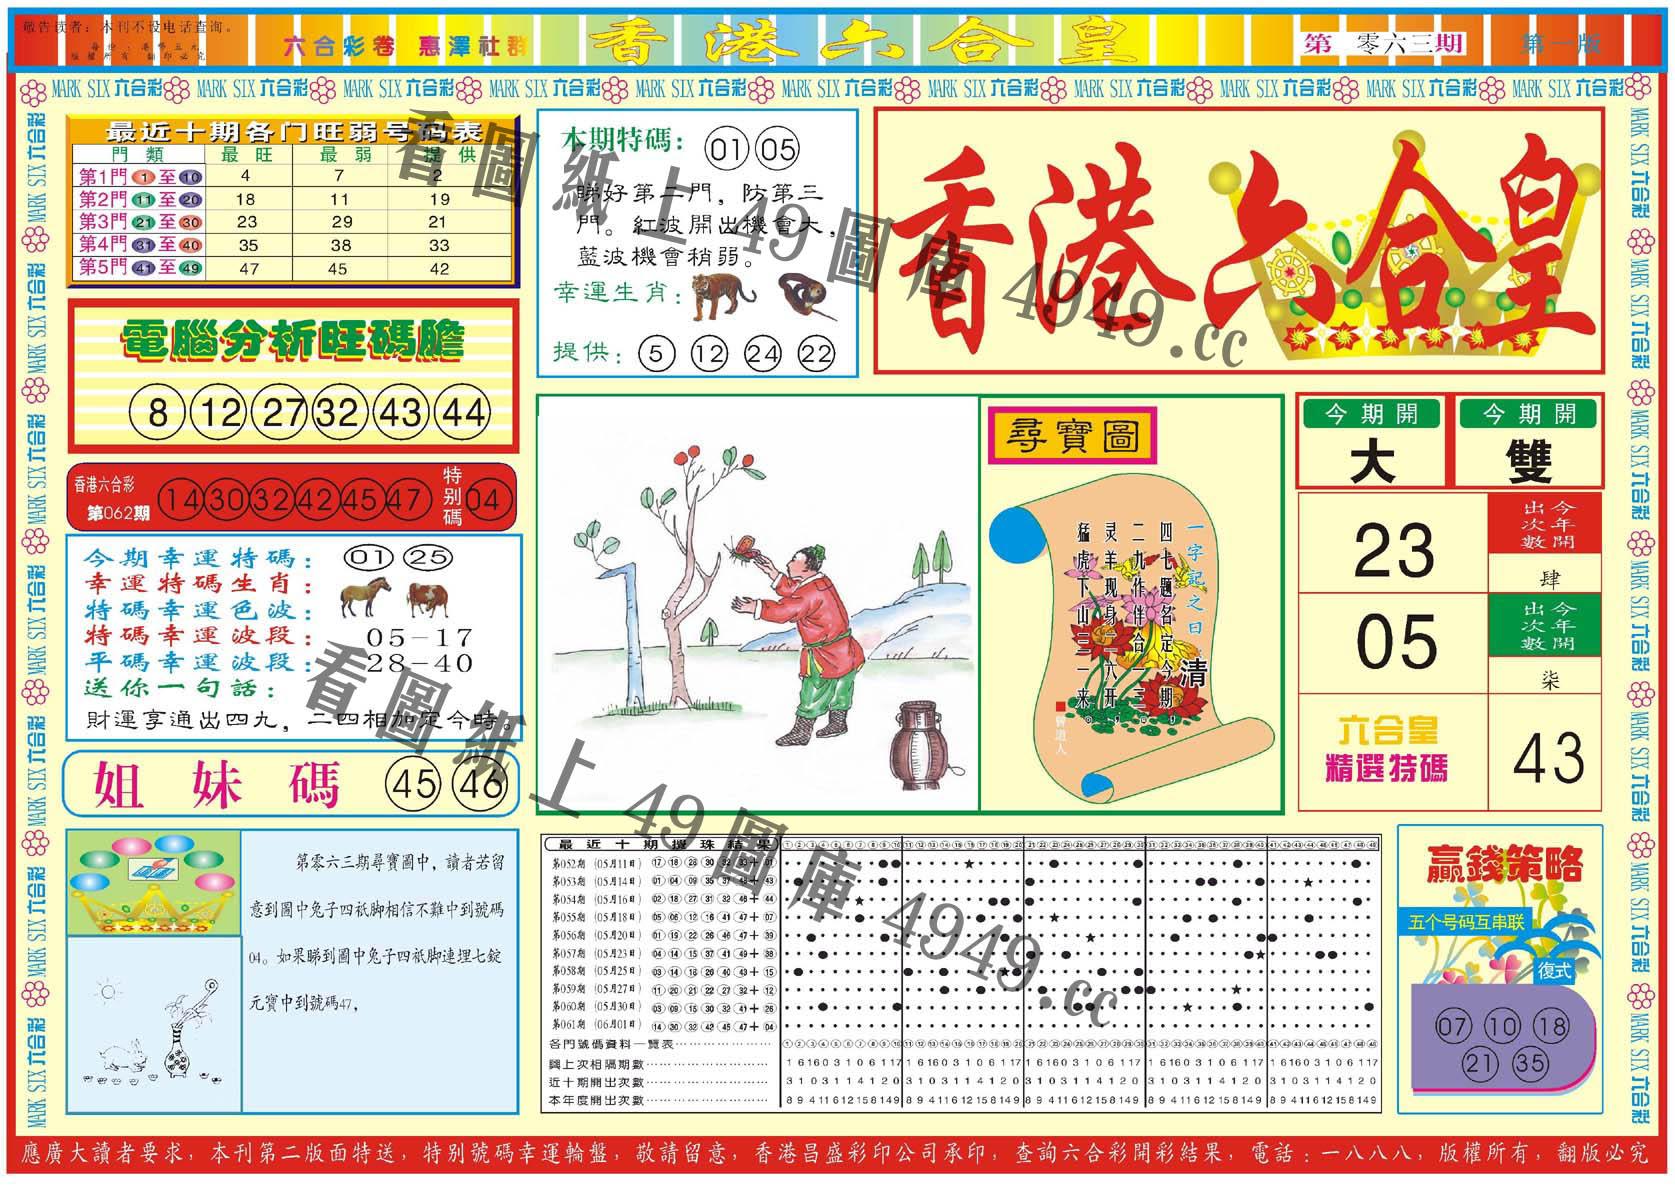 062期香港六合皇A